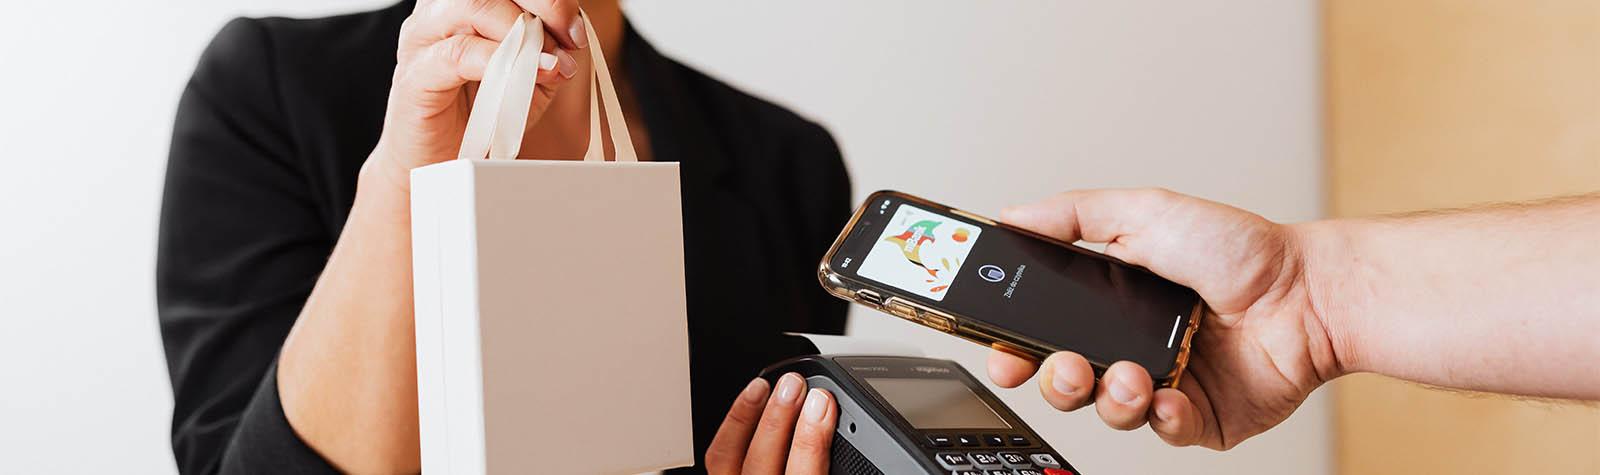 Hoe kun je veilig betalen met je smartphone?